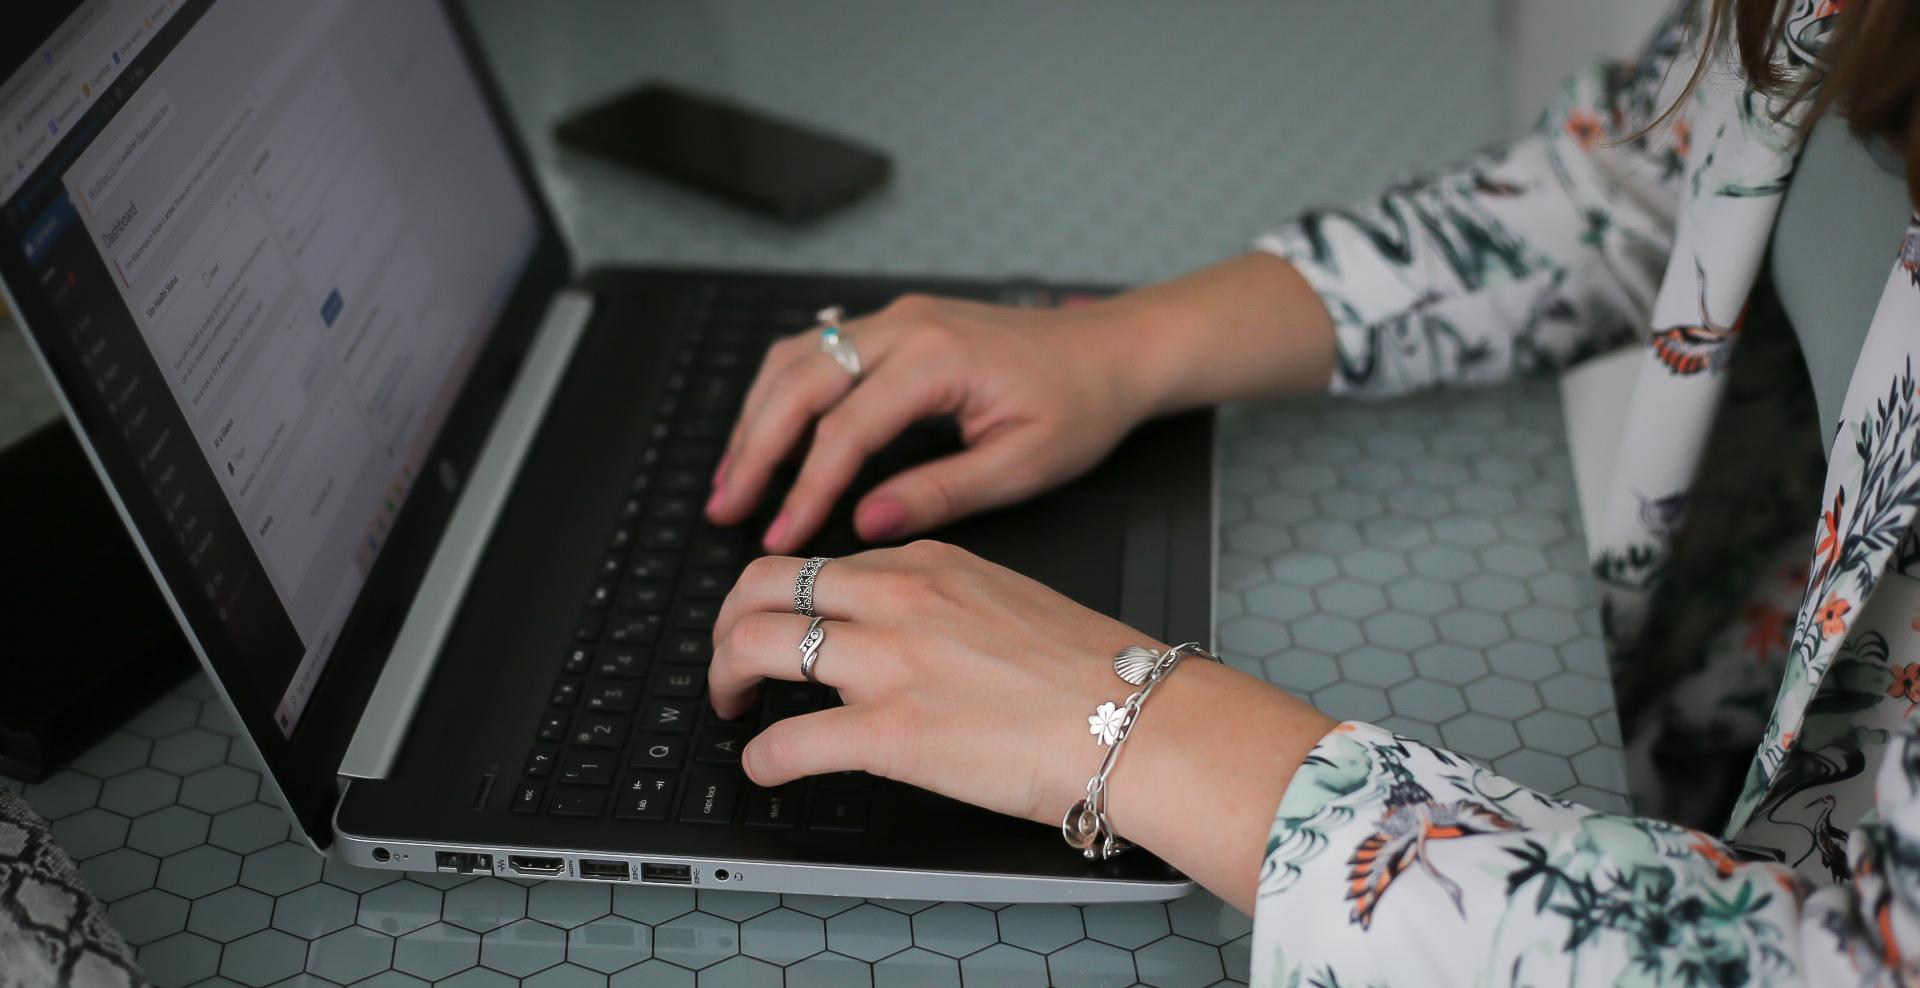 Handen op toetsenbord, werkend aan WordPress website